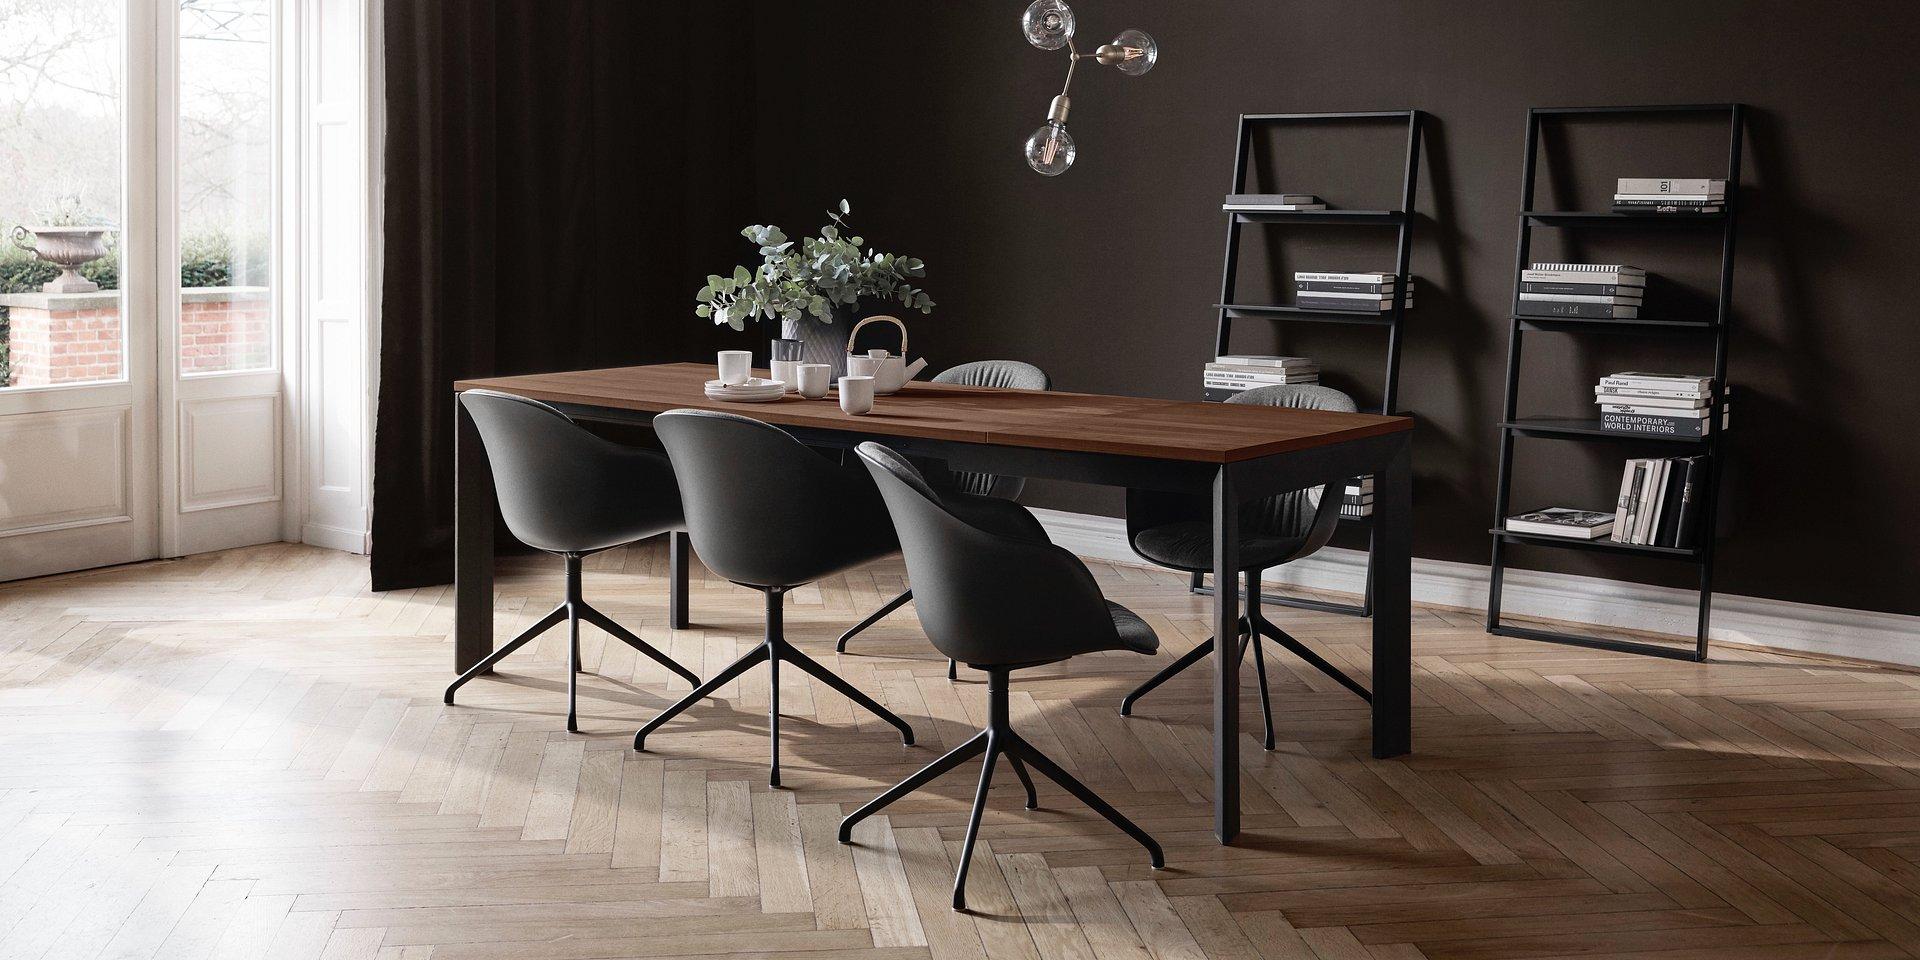 BoConcept przedstawia nowy rozkładany stół do jadalni Lyon